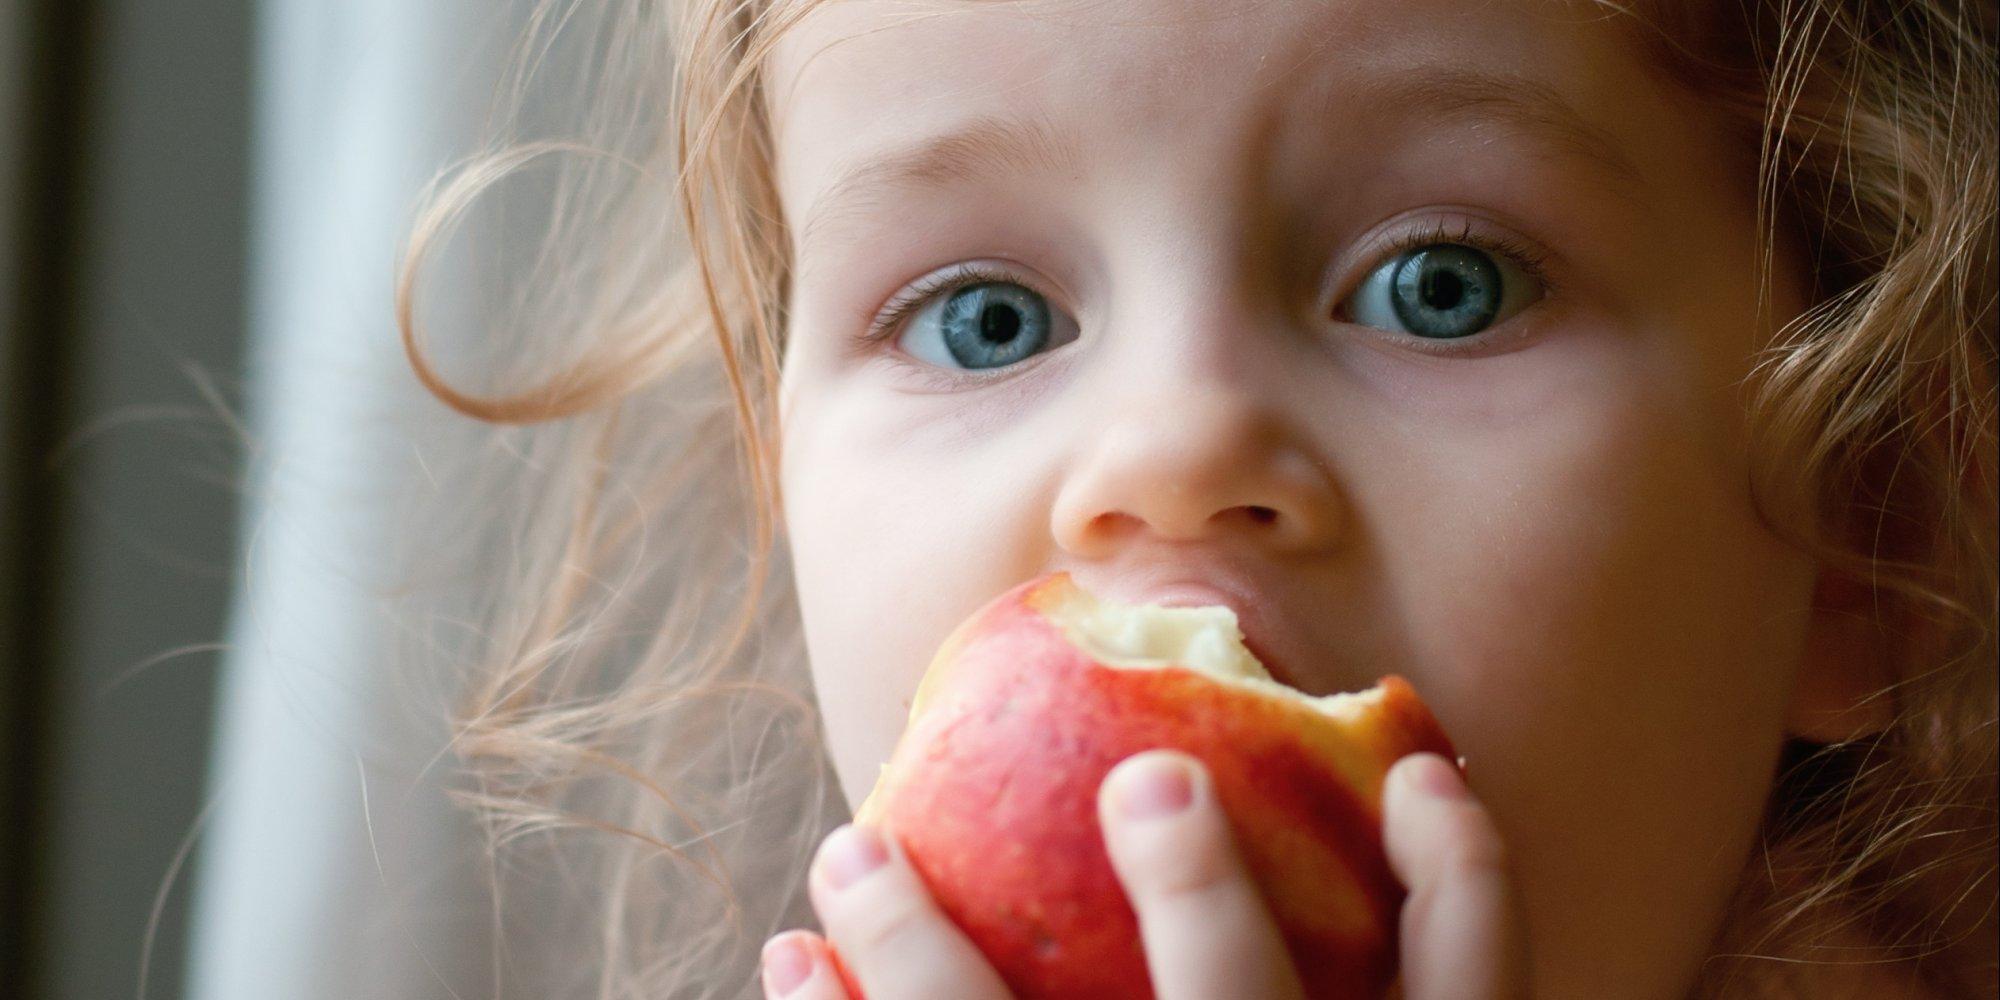 რატომ უნდა გაასინჯოთ ჩვილს თავდაპირველად მწვანე ან ყვითელი ფერის ვაშლი